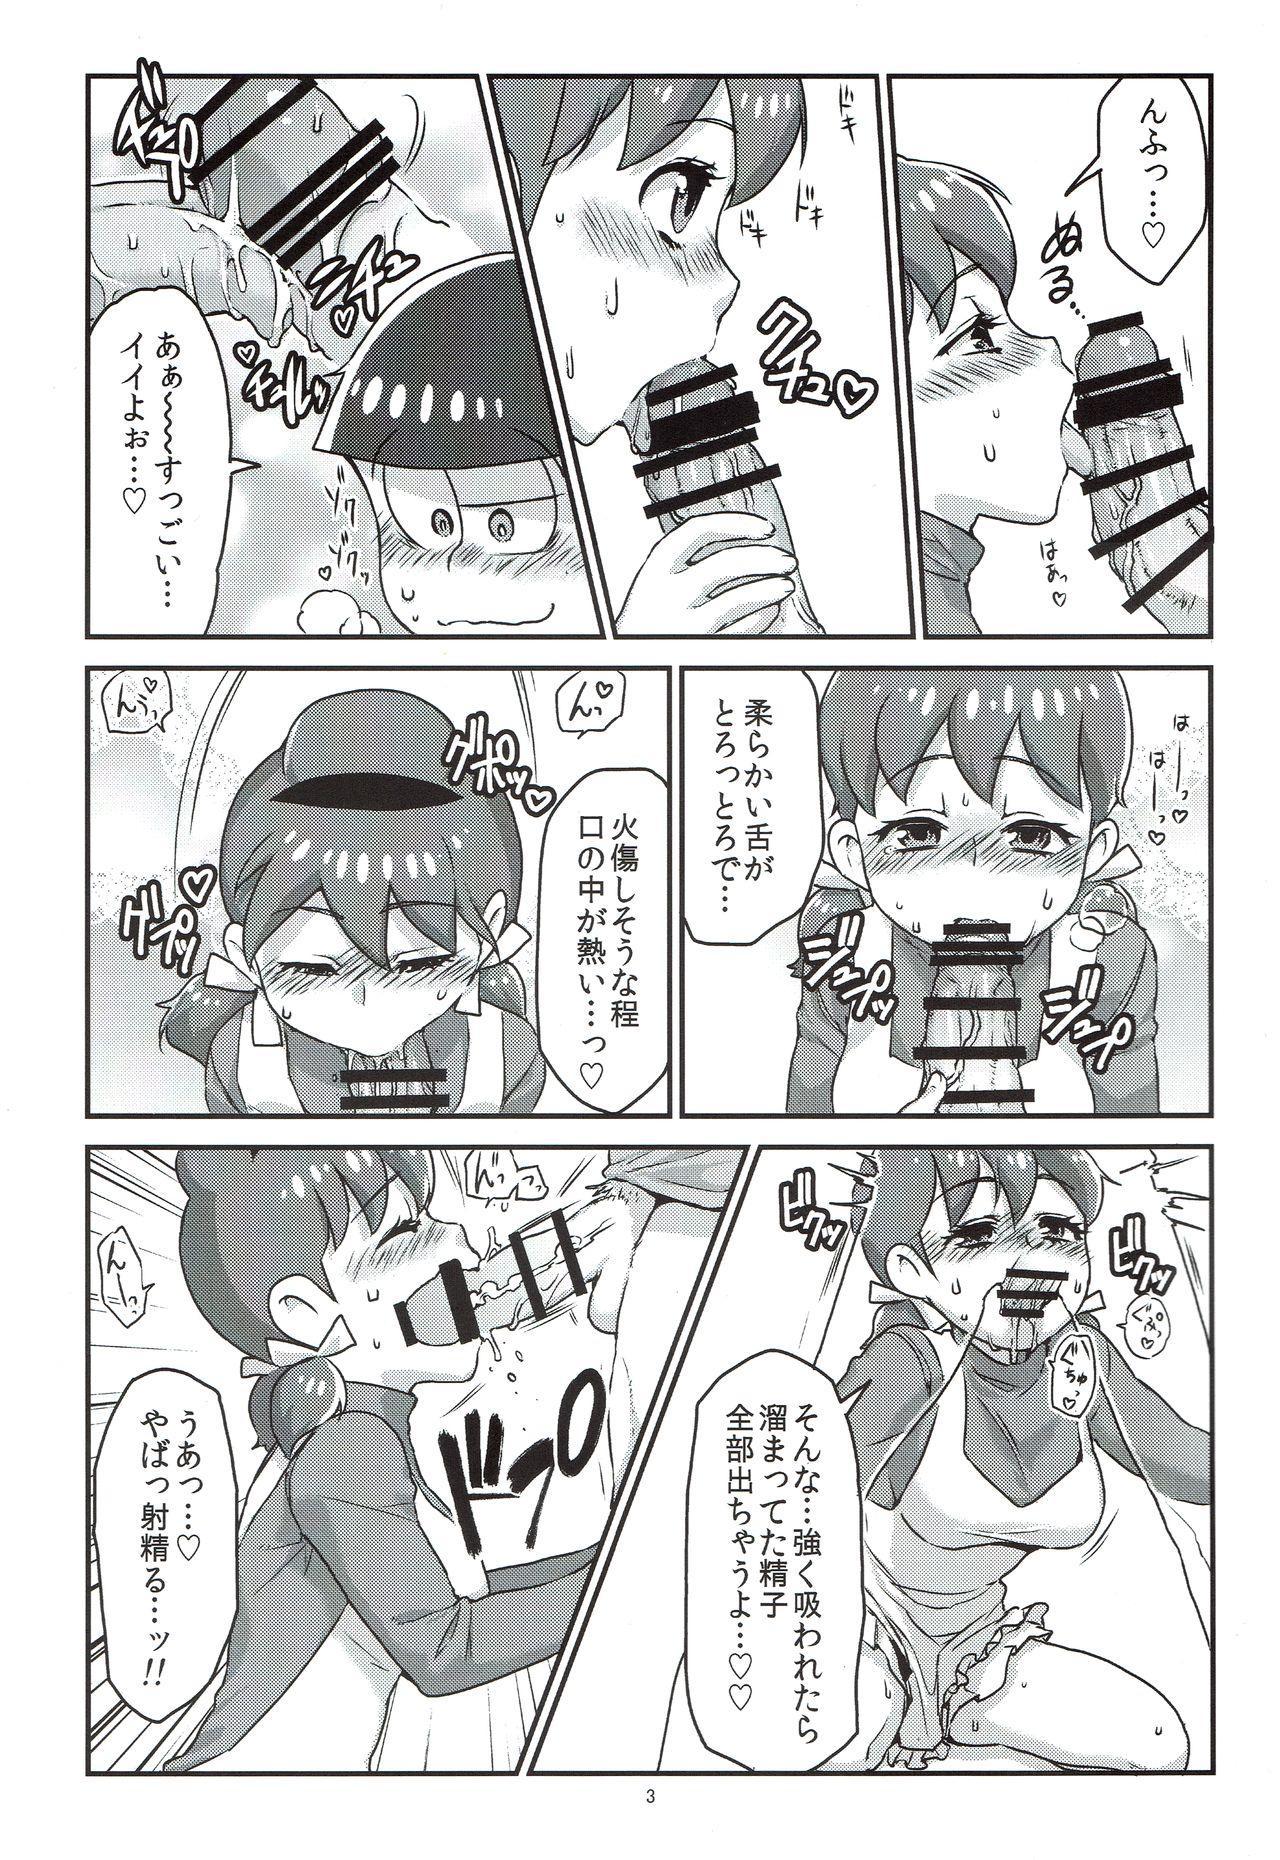 Mutsugo to Totoko-chan no Juukon Seikatsu 3